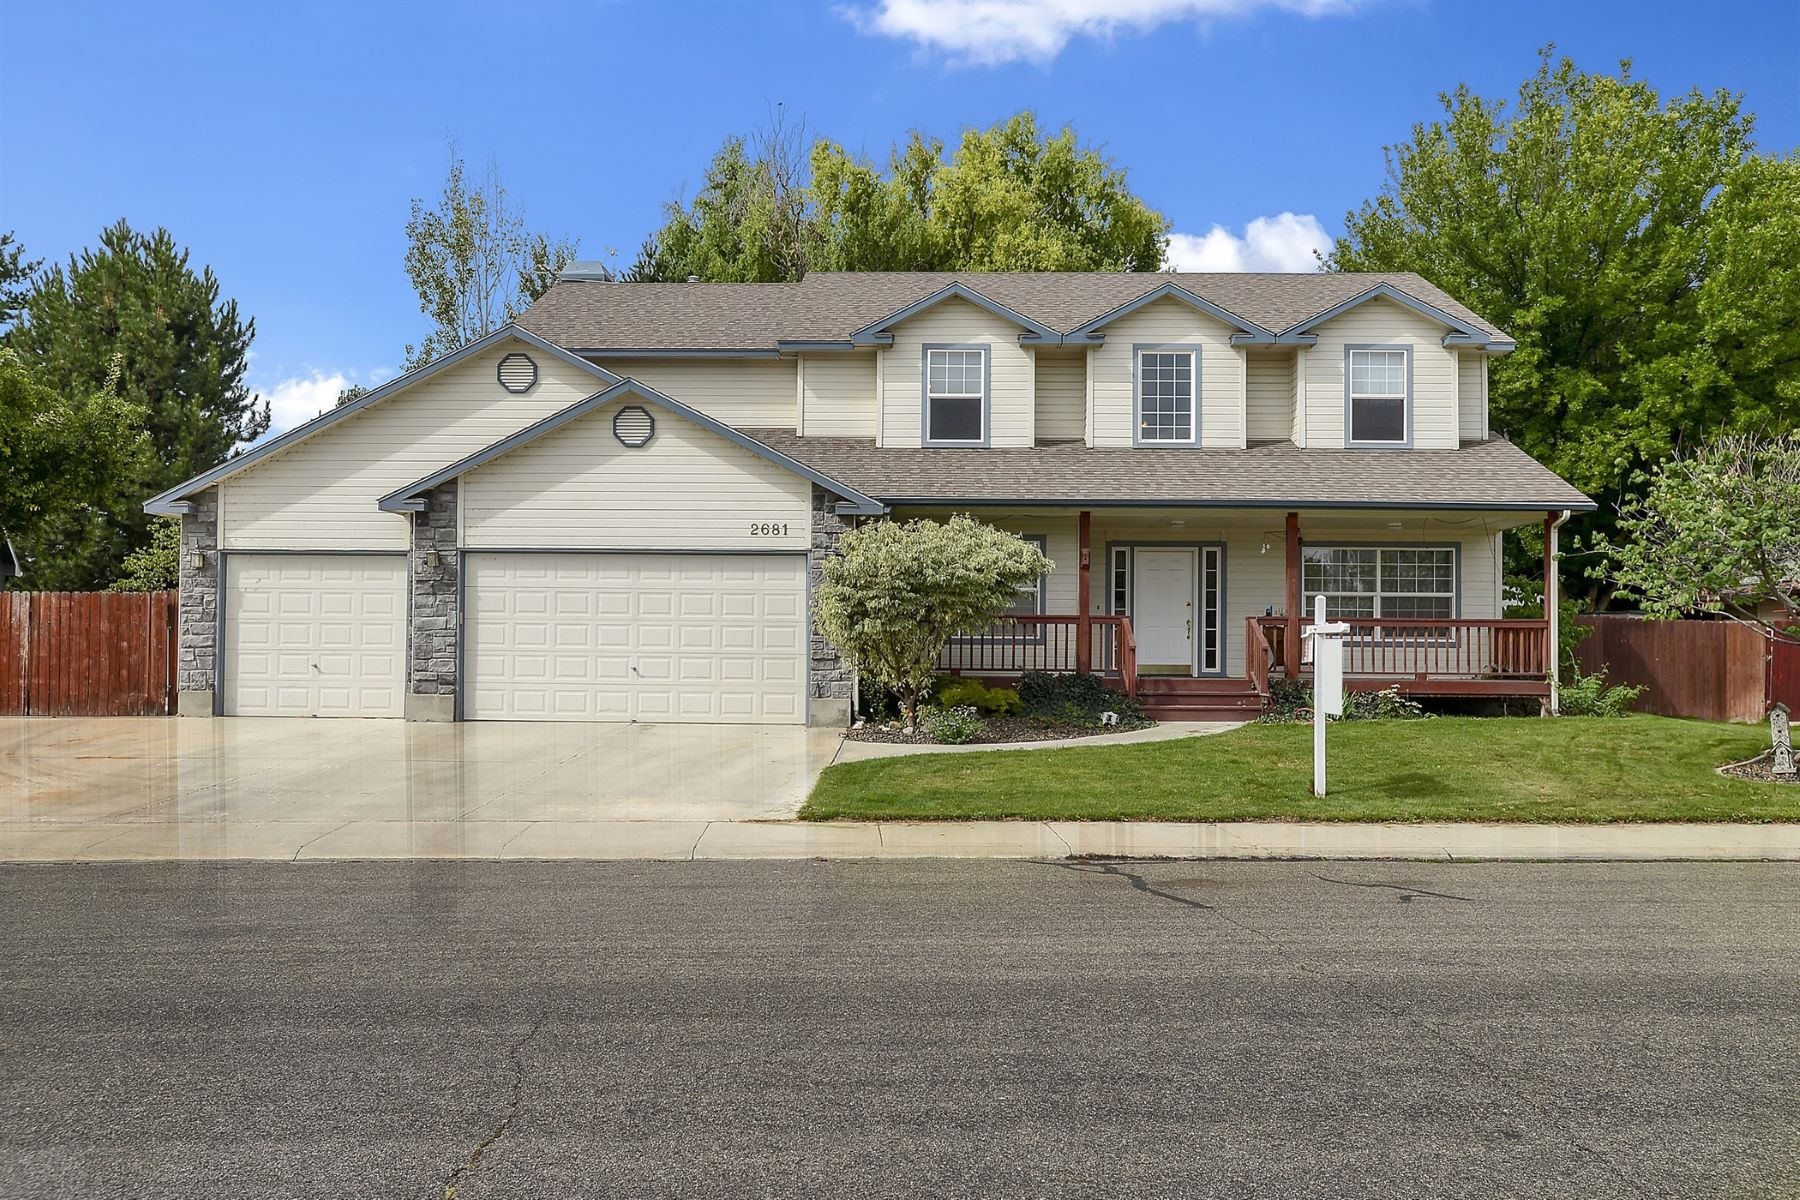 Single Family Homes pour l Vente à 2681 Weber Rapids, Meridian 2681 S Weber Rapids Meridian, Idaho 83642 États-Unis